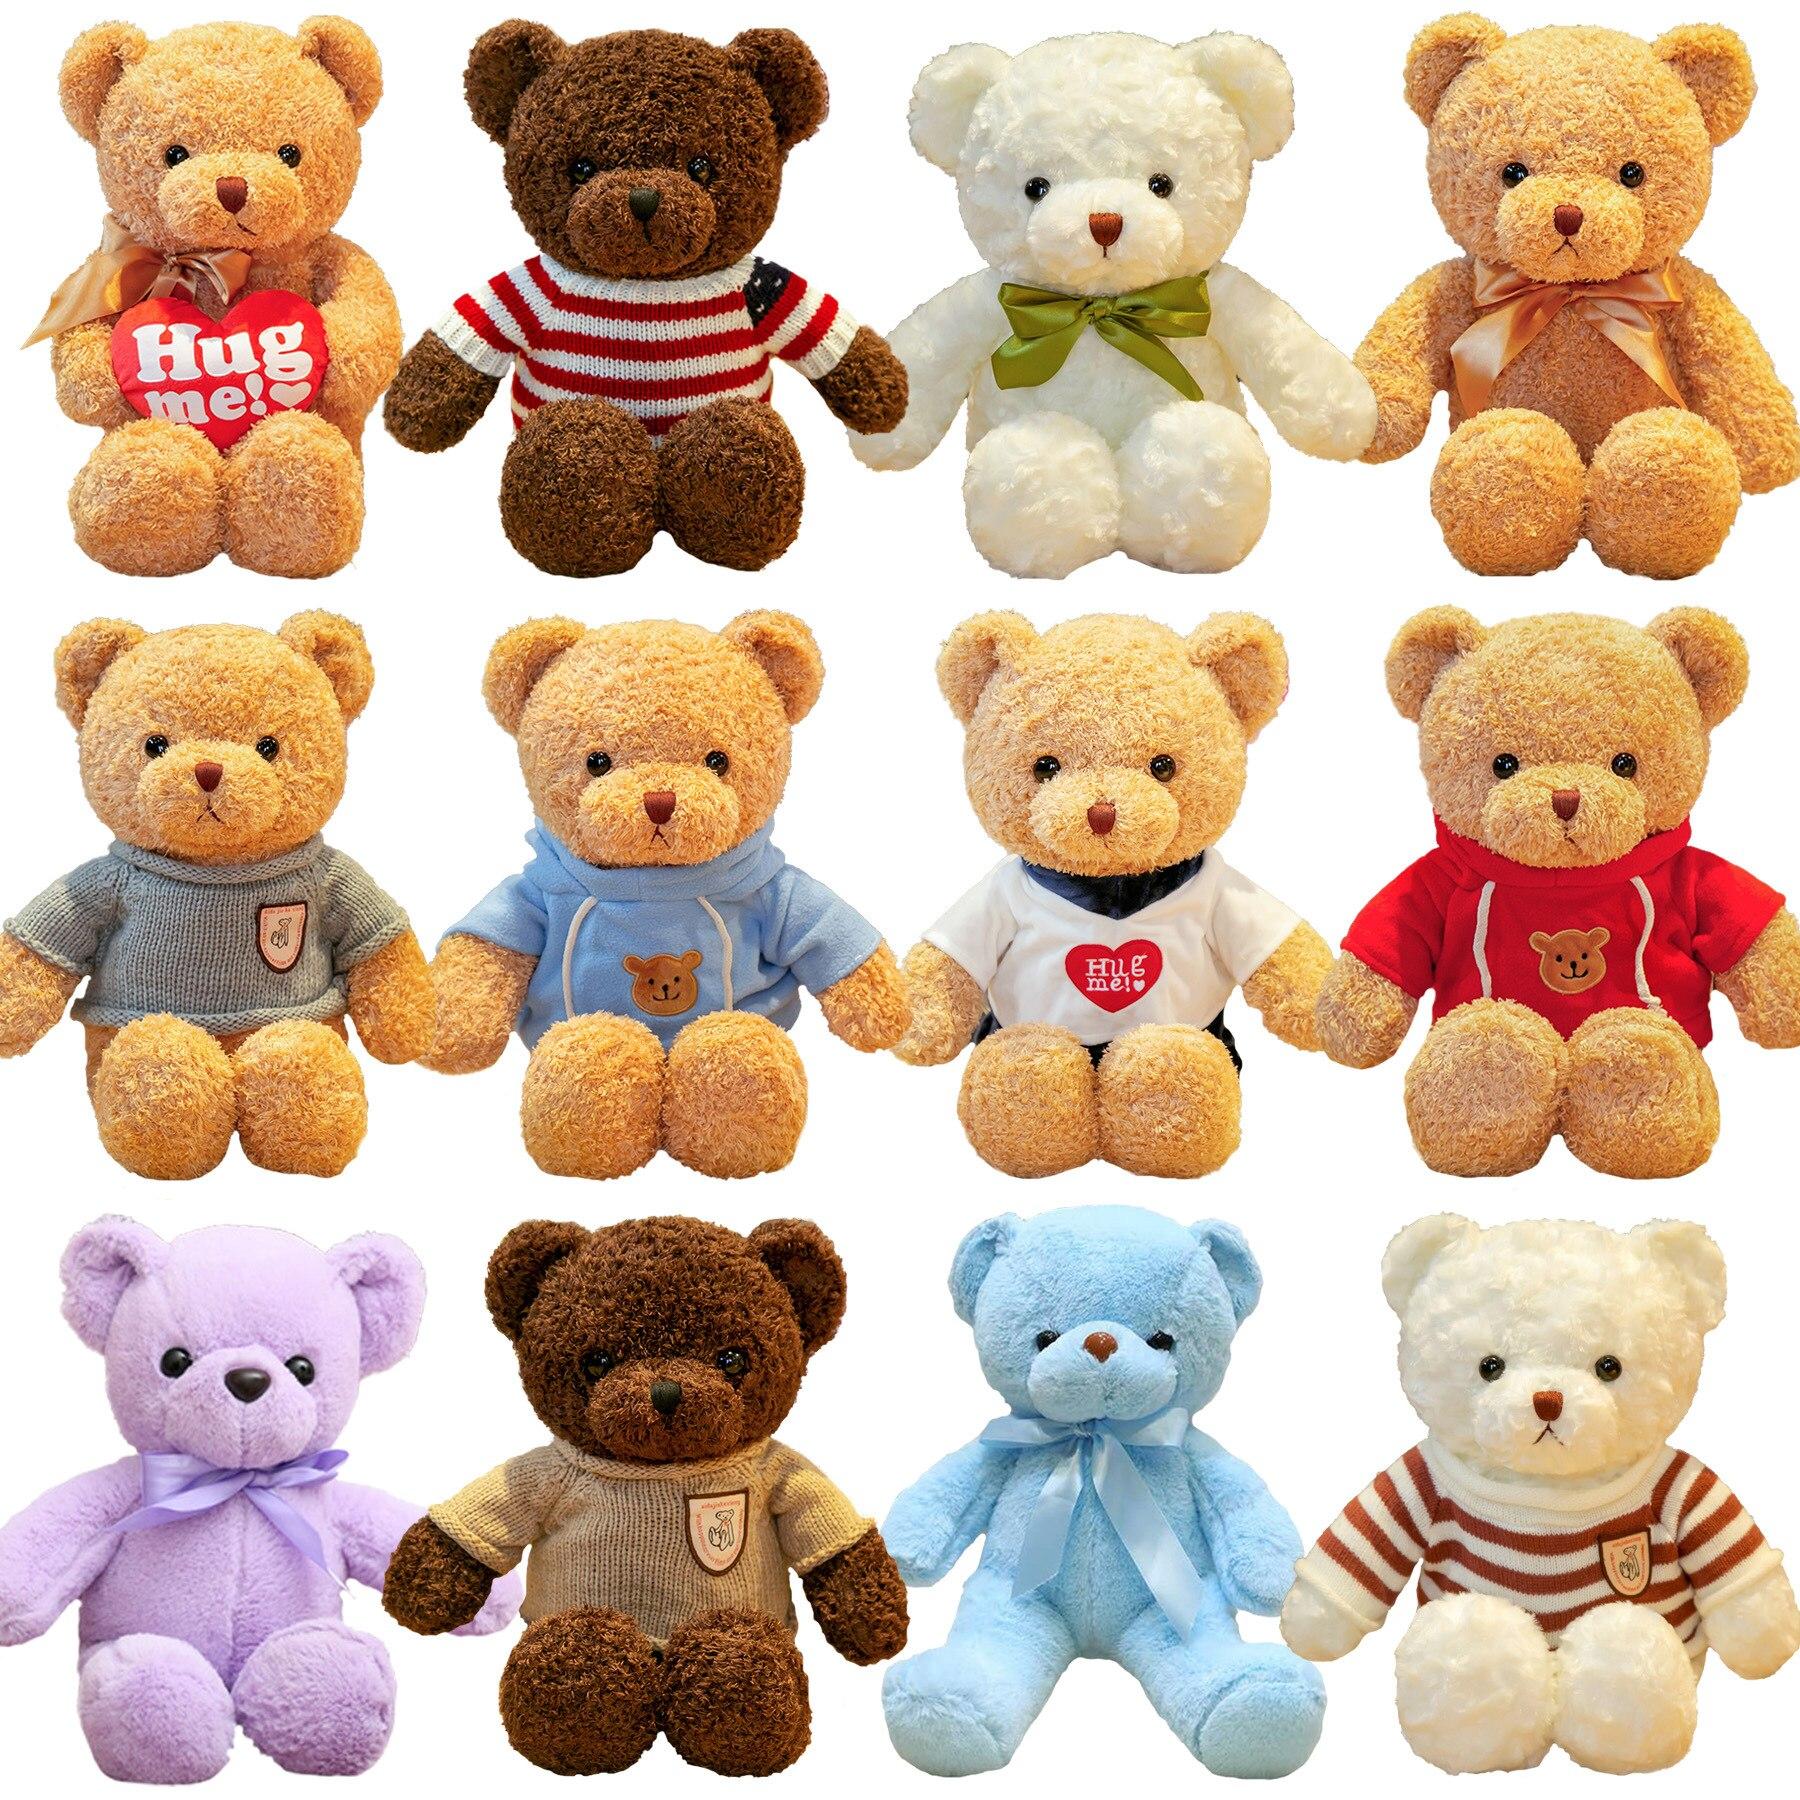 Плюшевого мишки каваи кукла аниме игрушка чучело медведя Hug большой медведь подарок, плюшевая игрушка медведь, подарок на день рождения с ин...